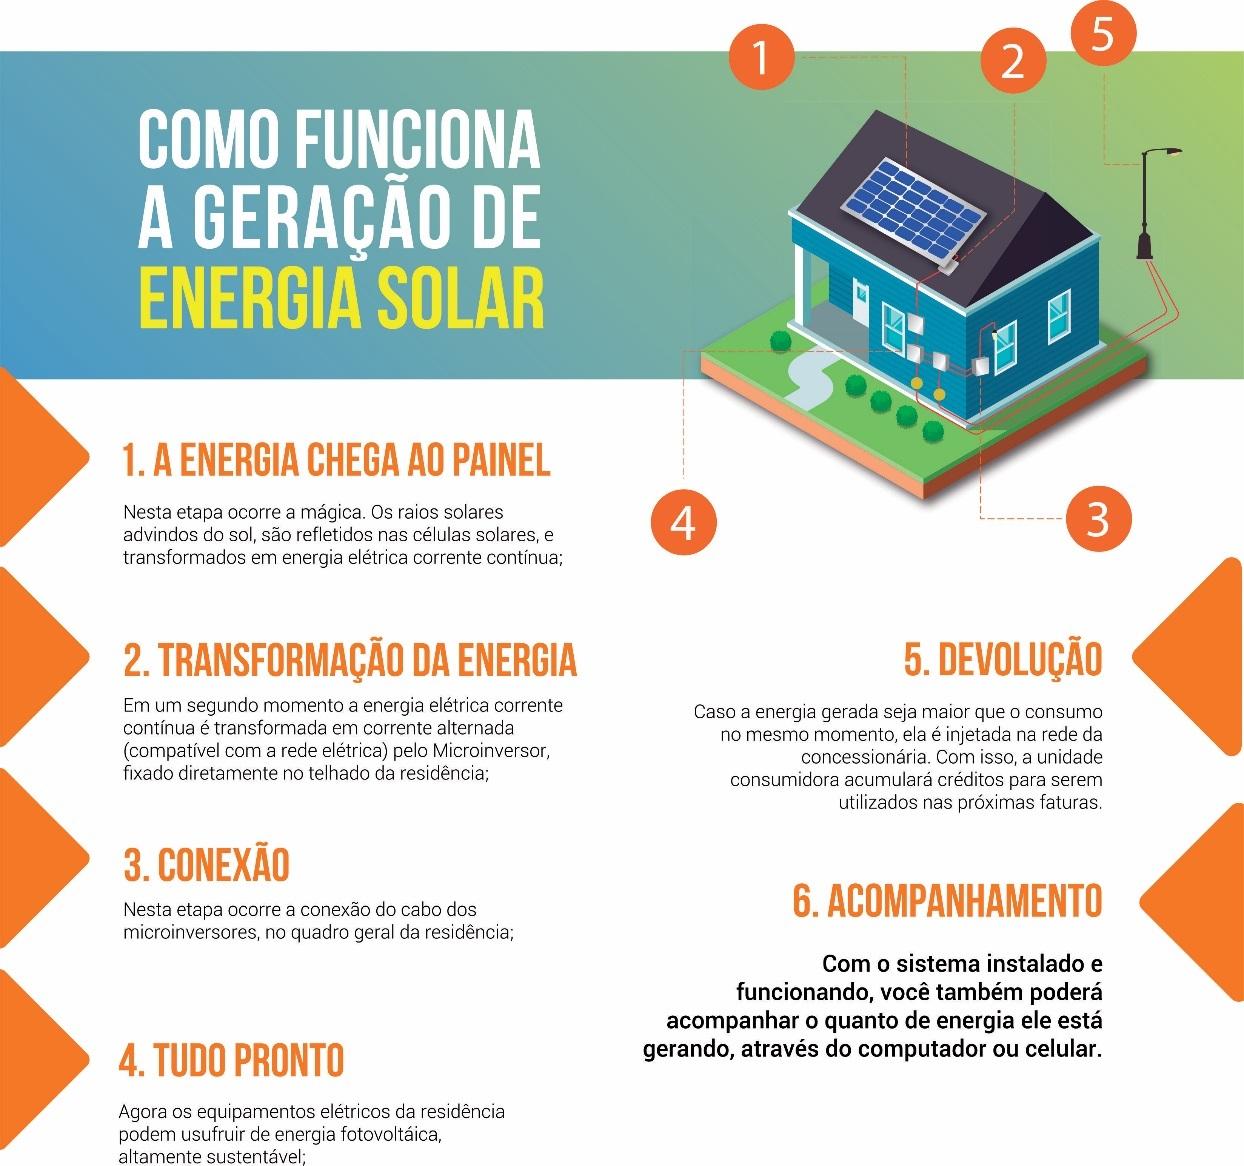 Empresa de Chapecó lança projeto para difundir o uso da energia solar em Santa Catarina